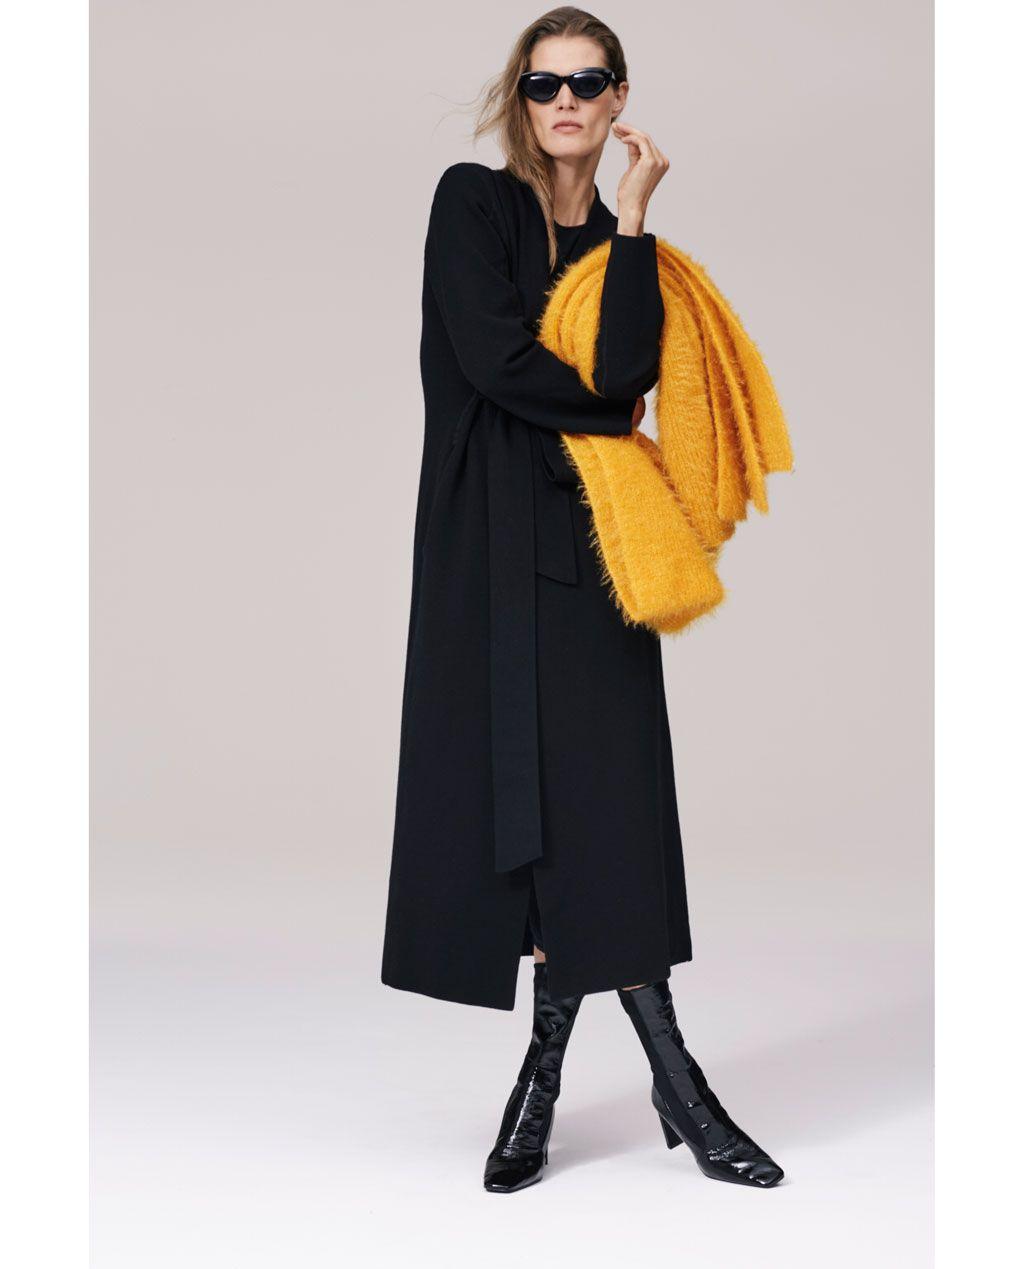 Zara mantel 2017